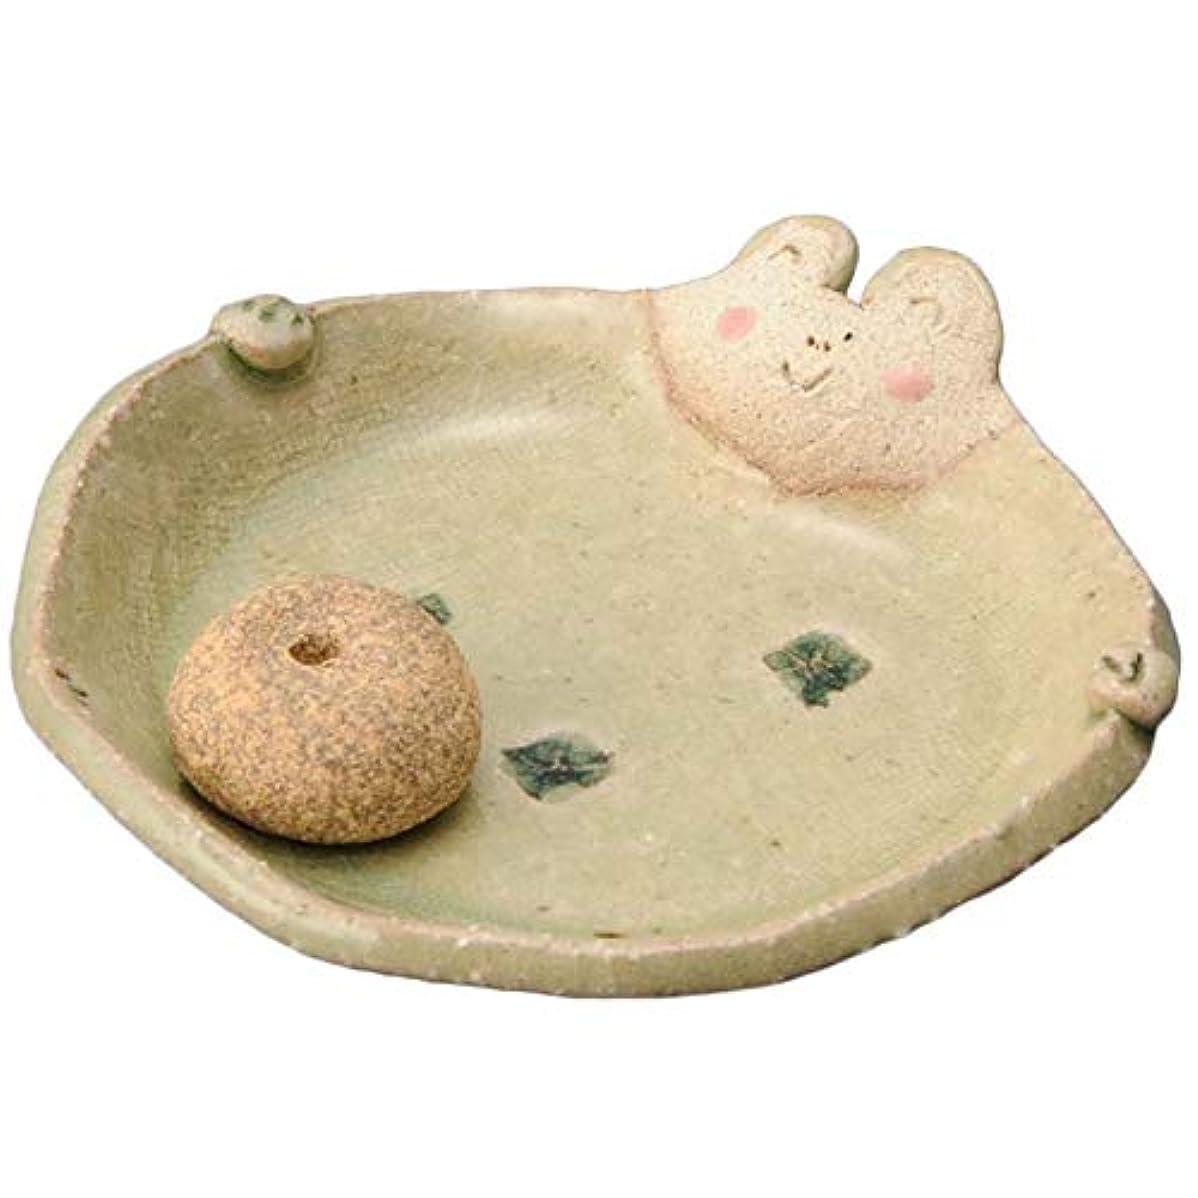 ただパパ微妙手造り 香皿 香立て/ふっくら 香皿(カエル) /香り アロマ 癒やし リラックス インテリア プレゼント 贈り物